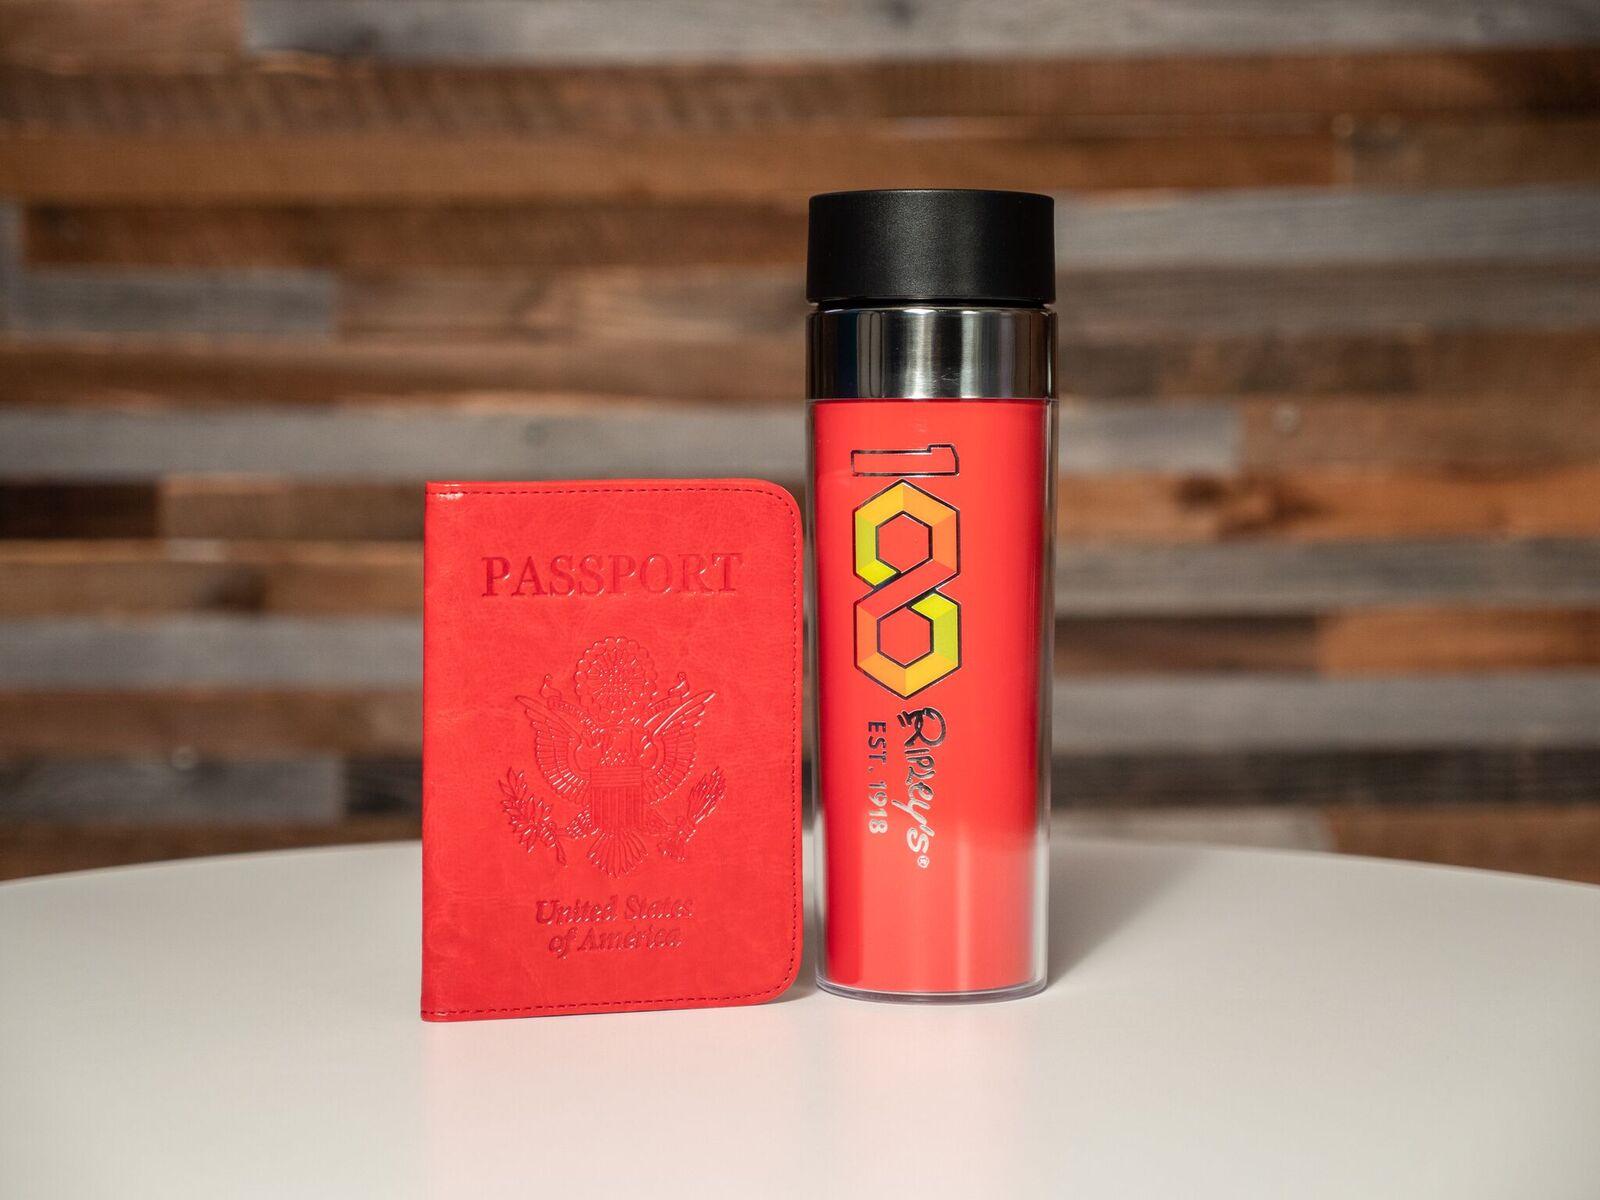 100 Year Travel Cup & Passport Holder